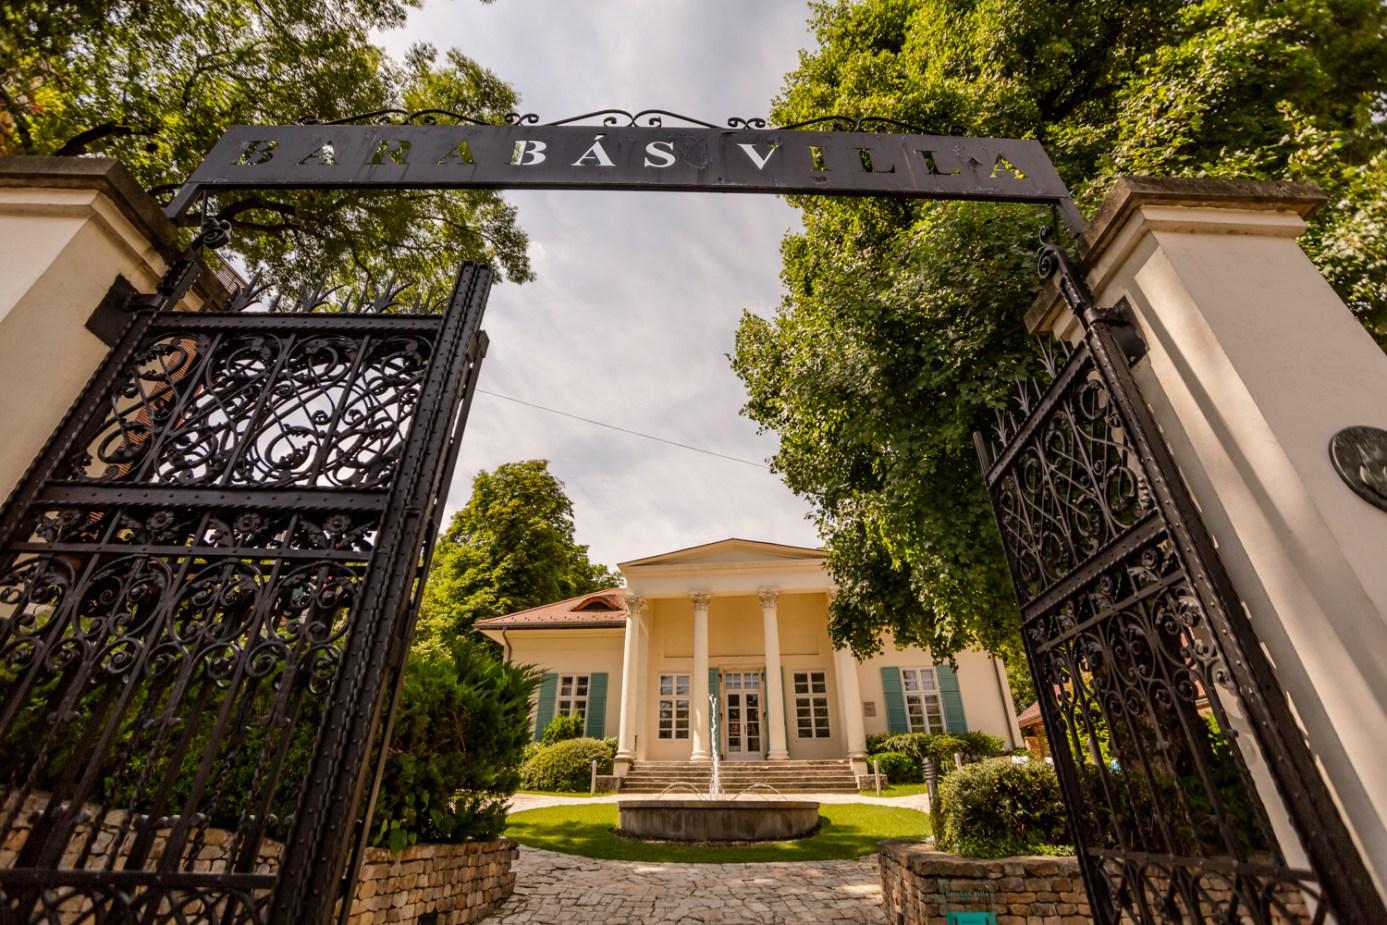 Barabás Villa - Magyarország legromantikusabb fotós helyszínei - NextFoto